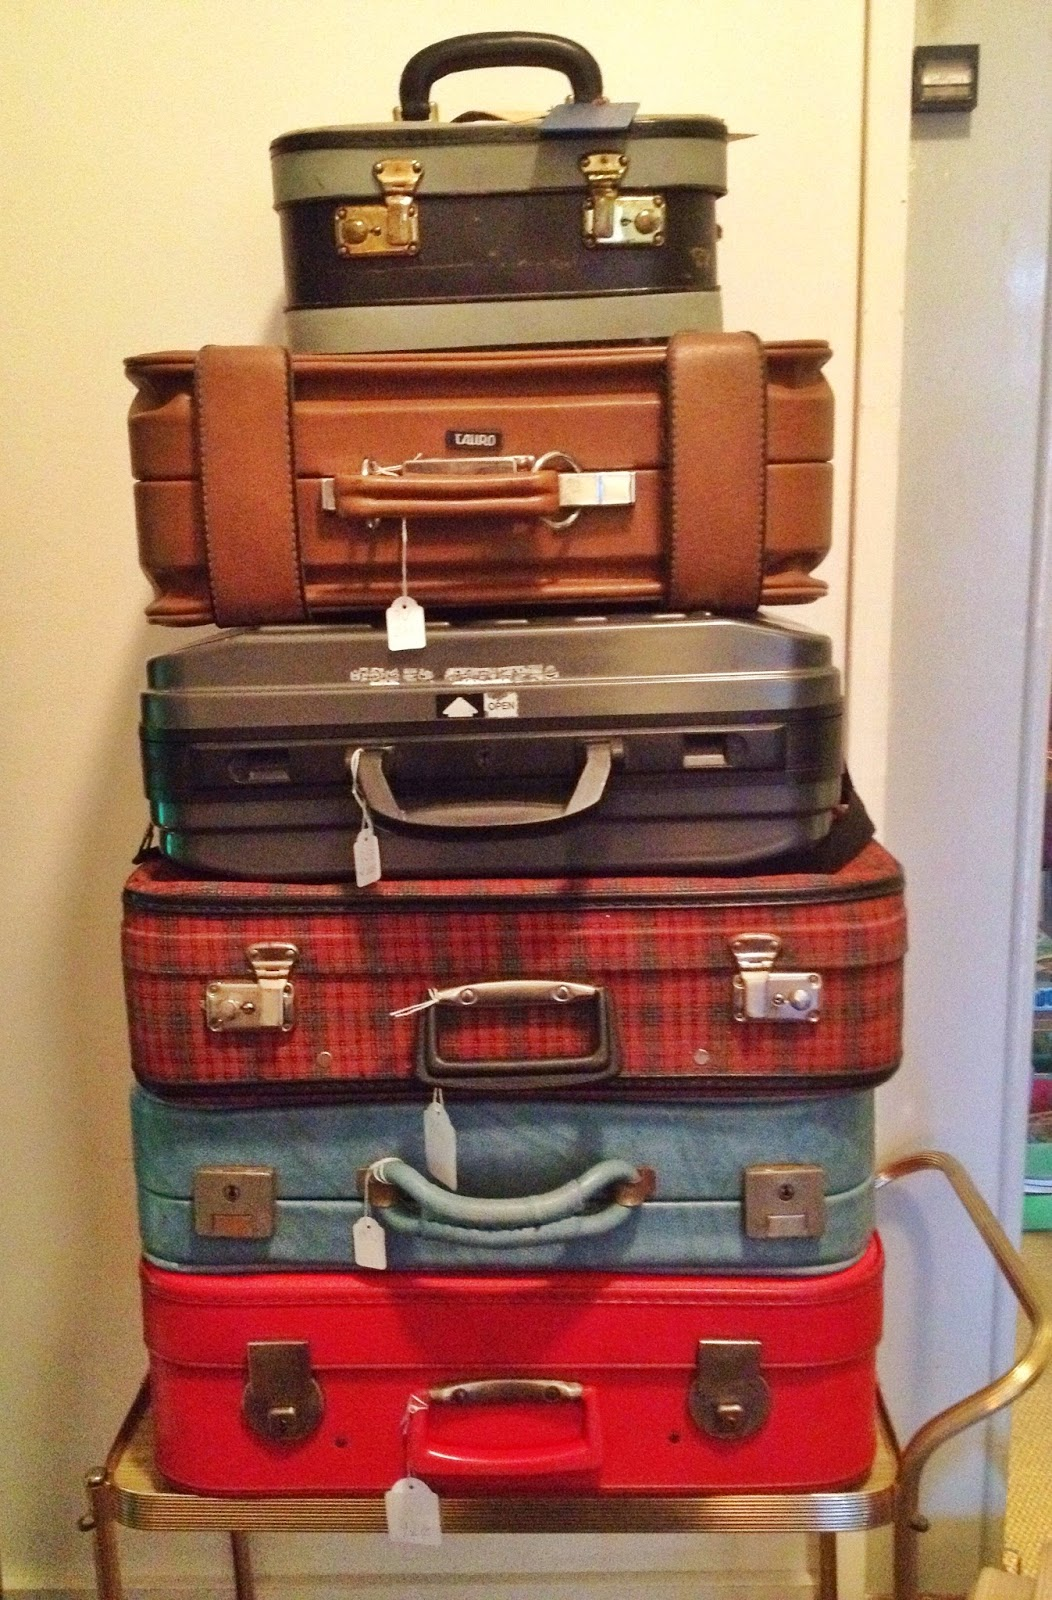 malas vintage, vintage suitcases, turista vintage, viagens vintage